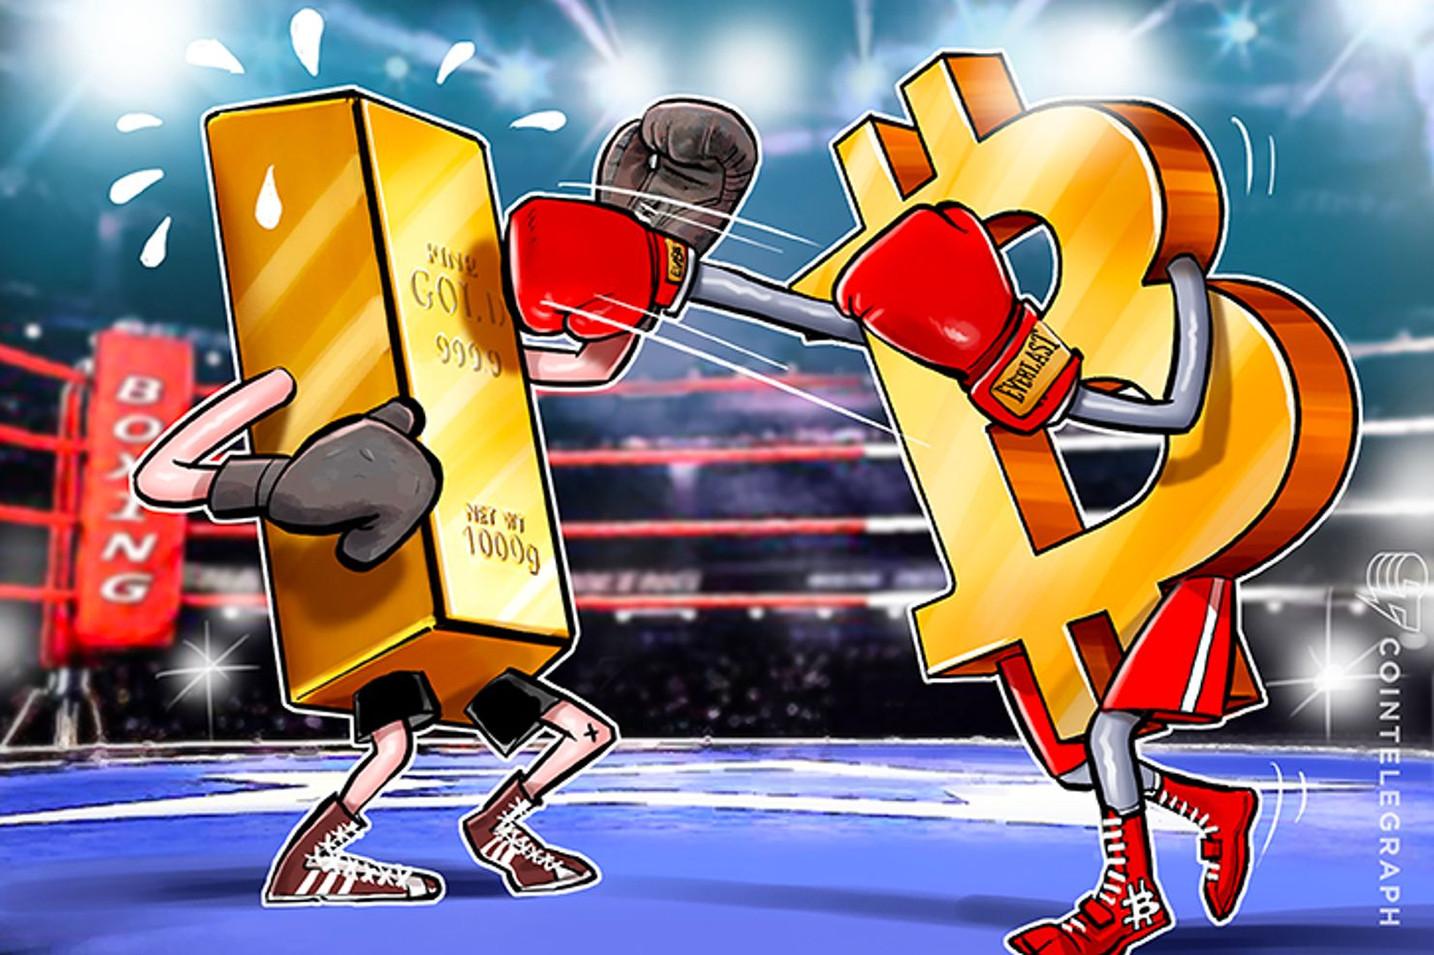 ビットコイン VS 金 グーグル検索ランキング(6月5日)